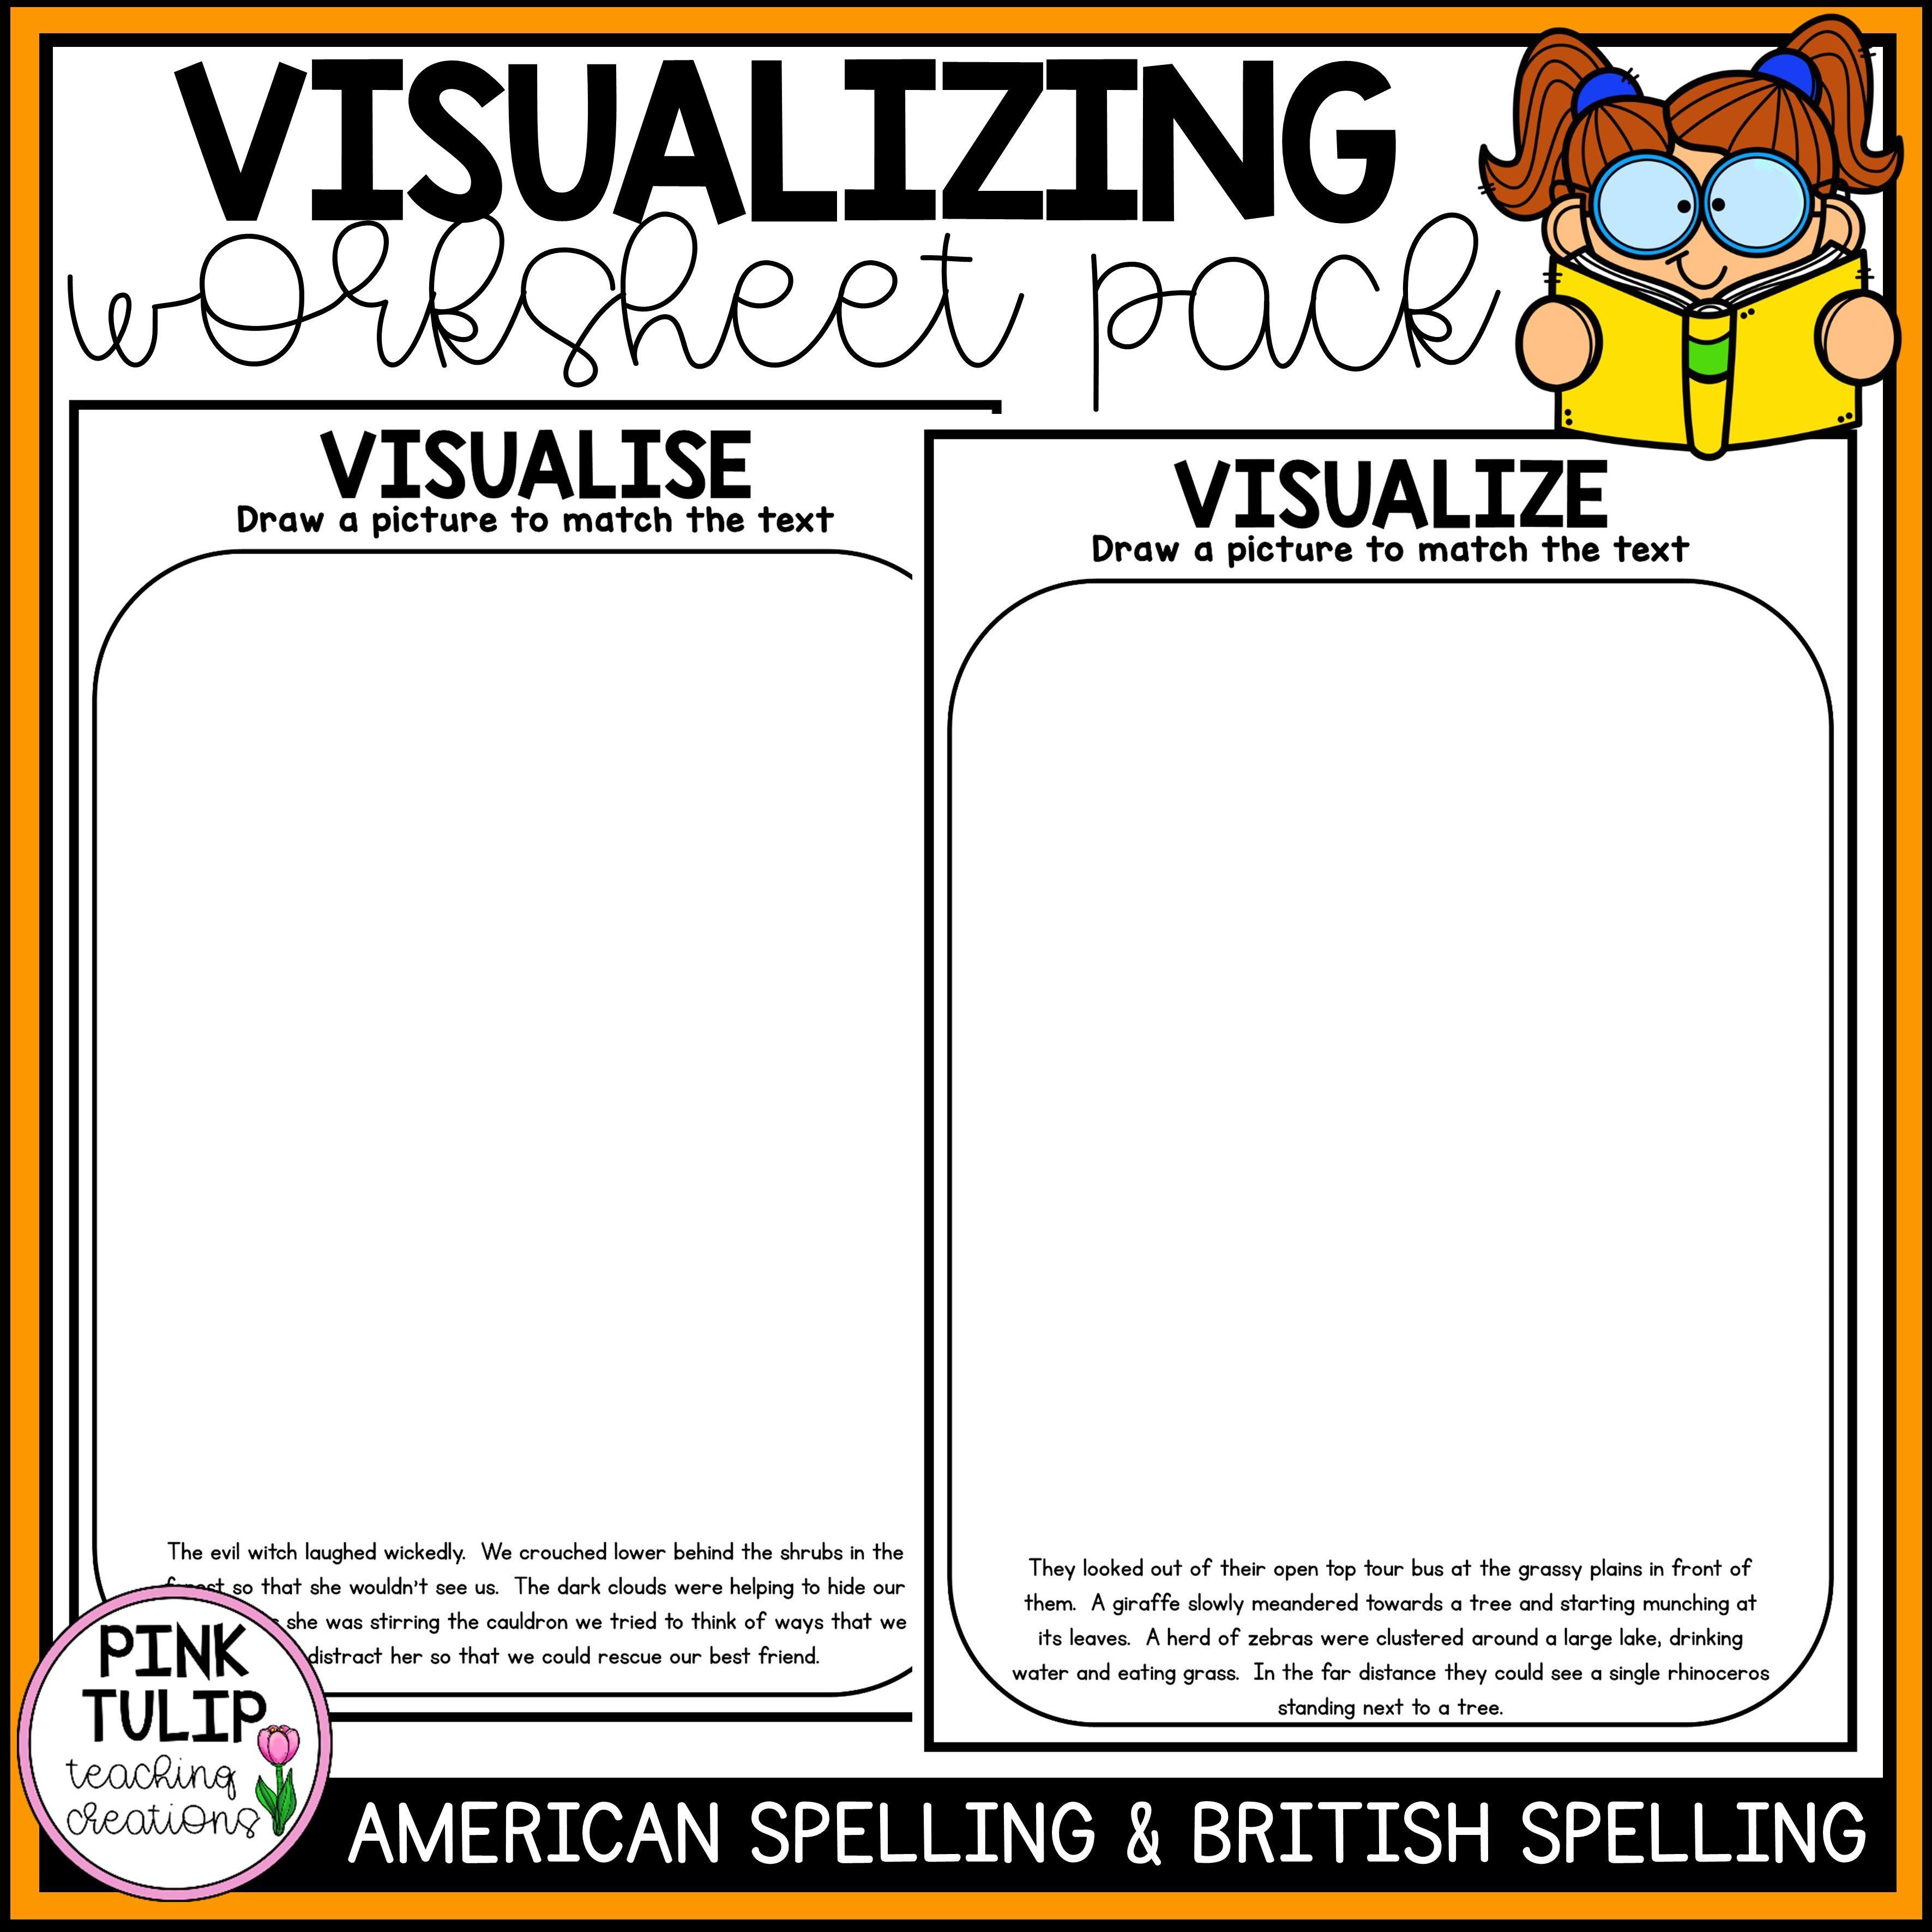 Visualizing Visualising